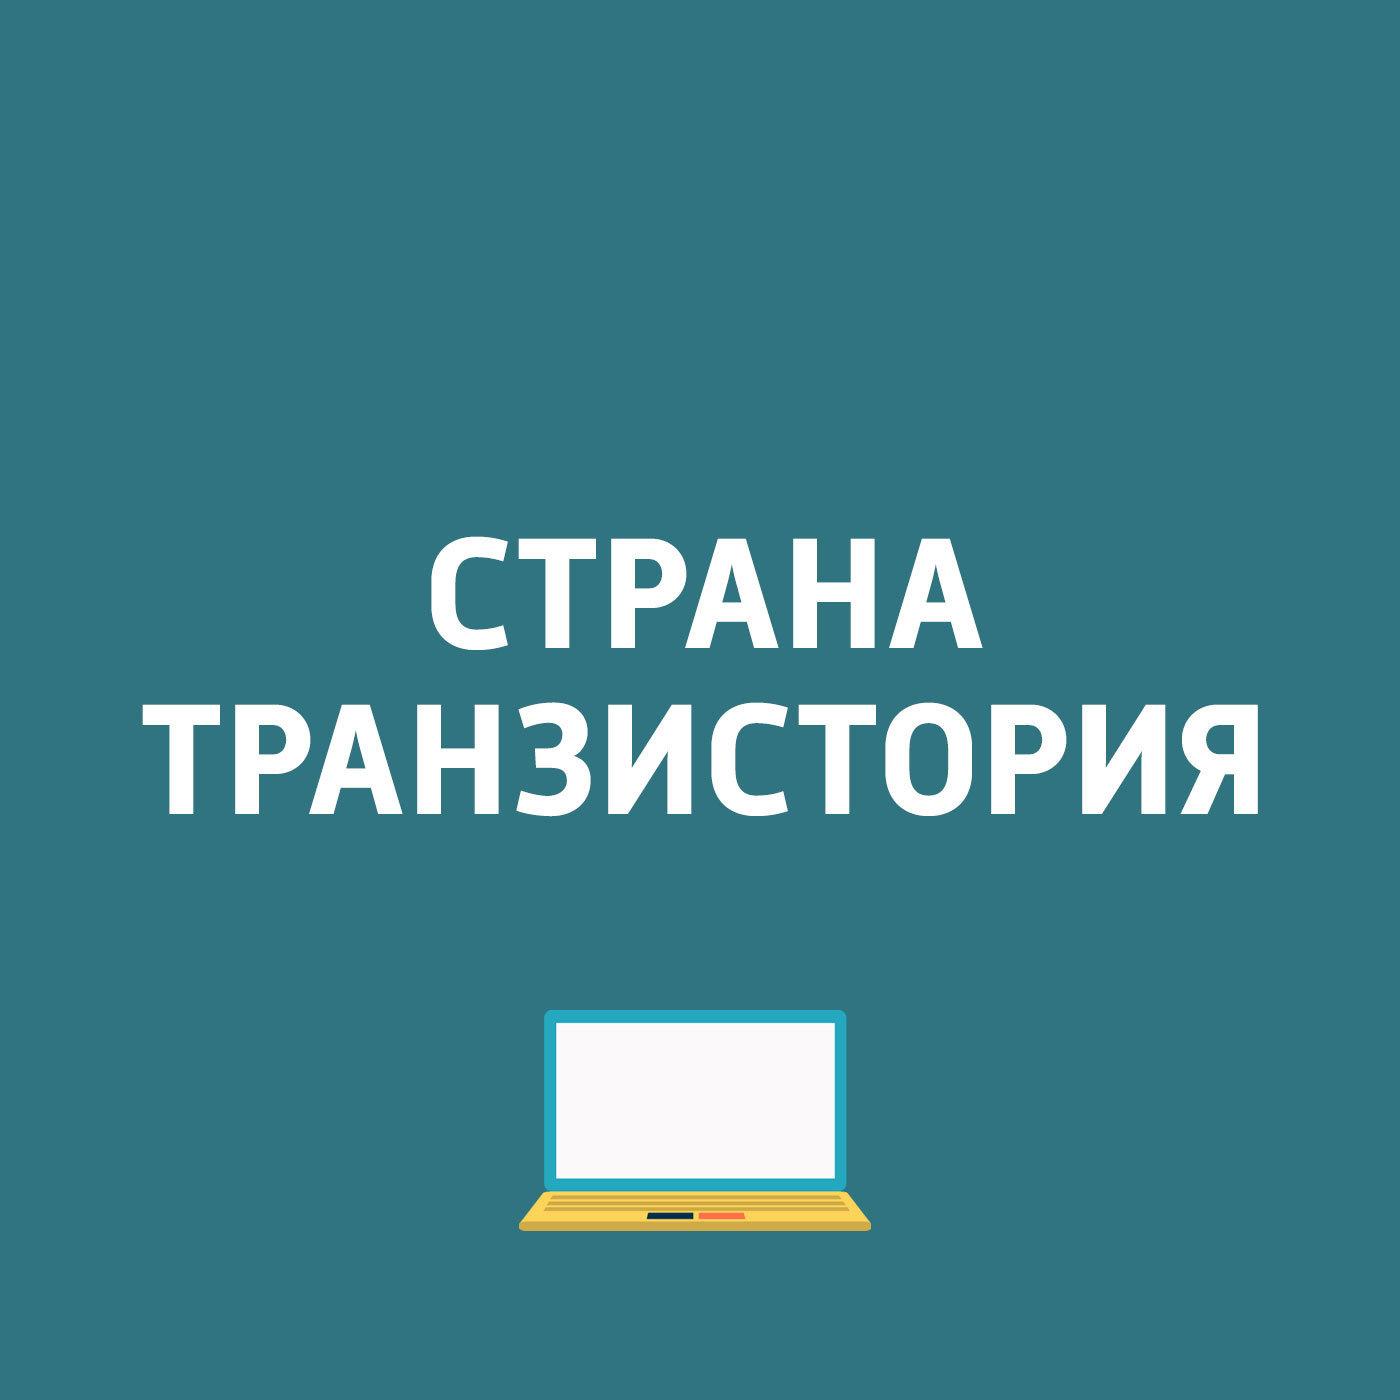 Картаев Павел Sony Xperia X Performance в РФ; Huawei новый планшет; «Секретные чаты» в ФБ... картаев павел павел картаев о поездке по алтаю